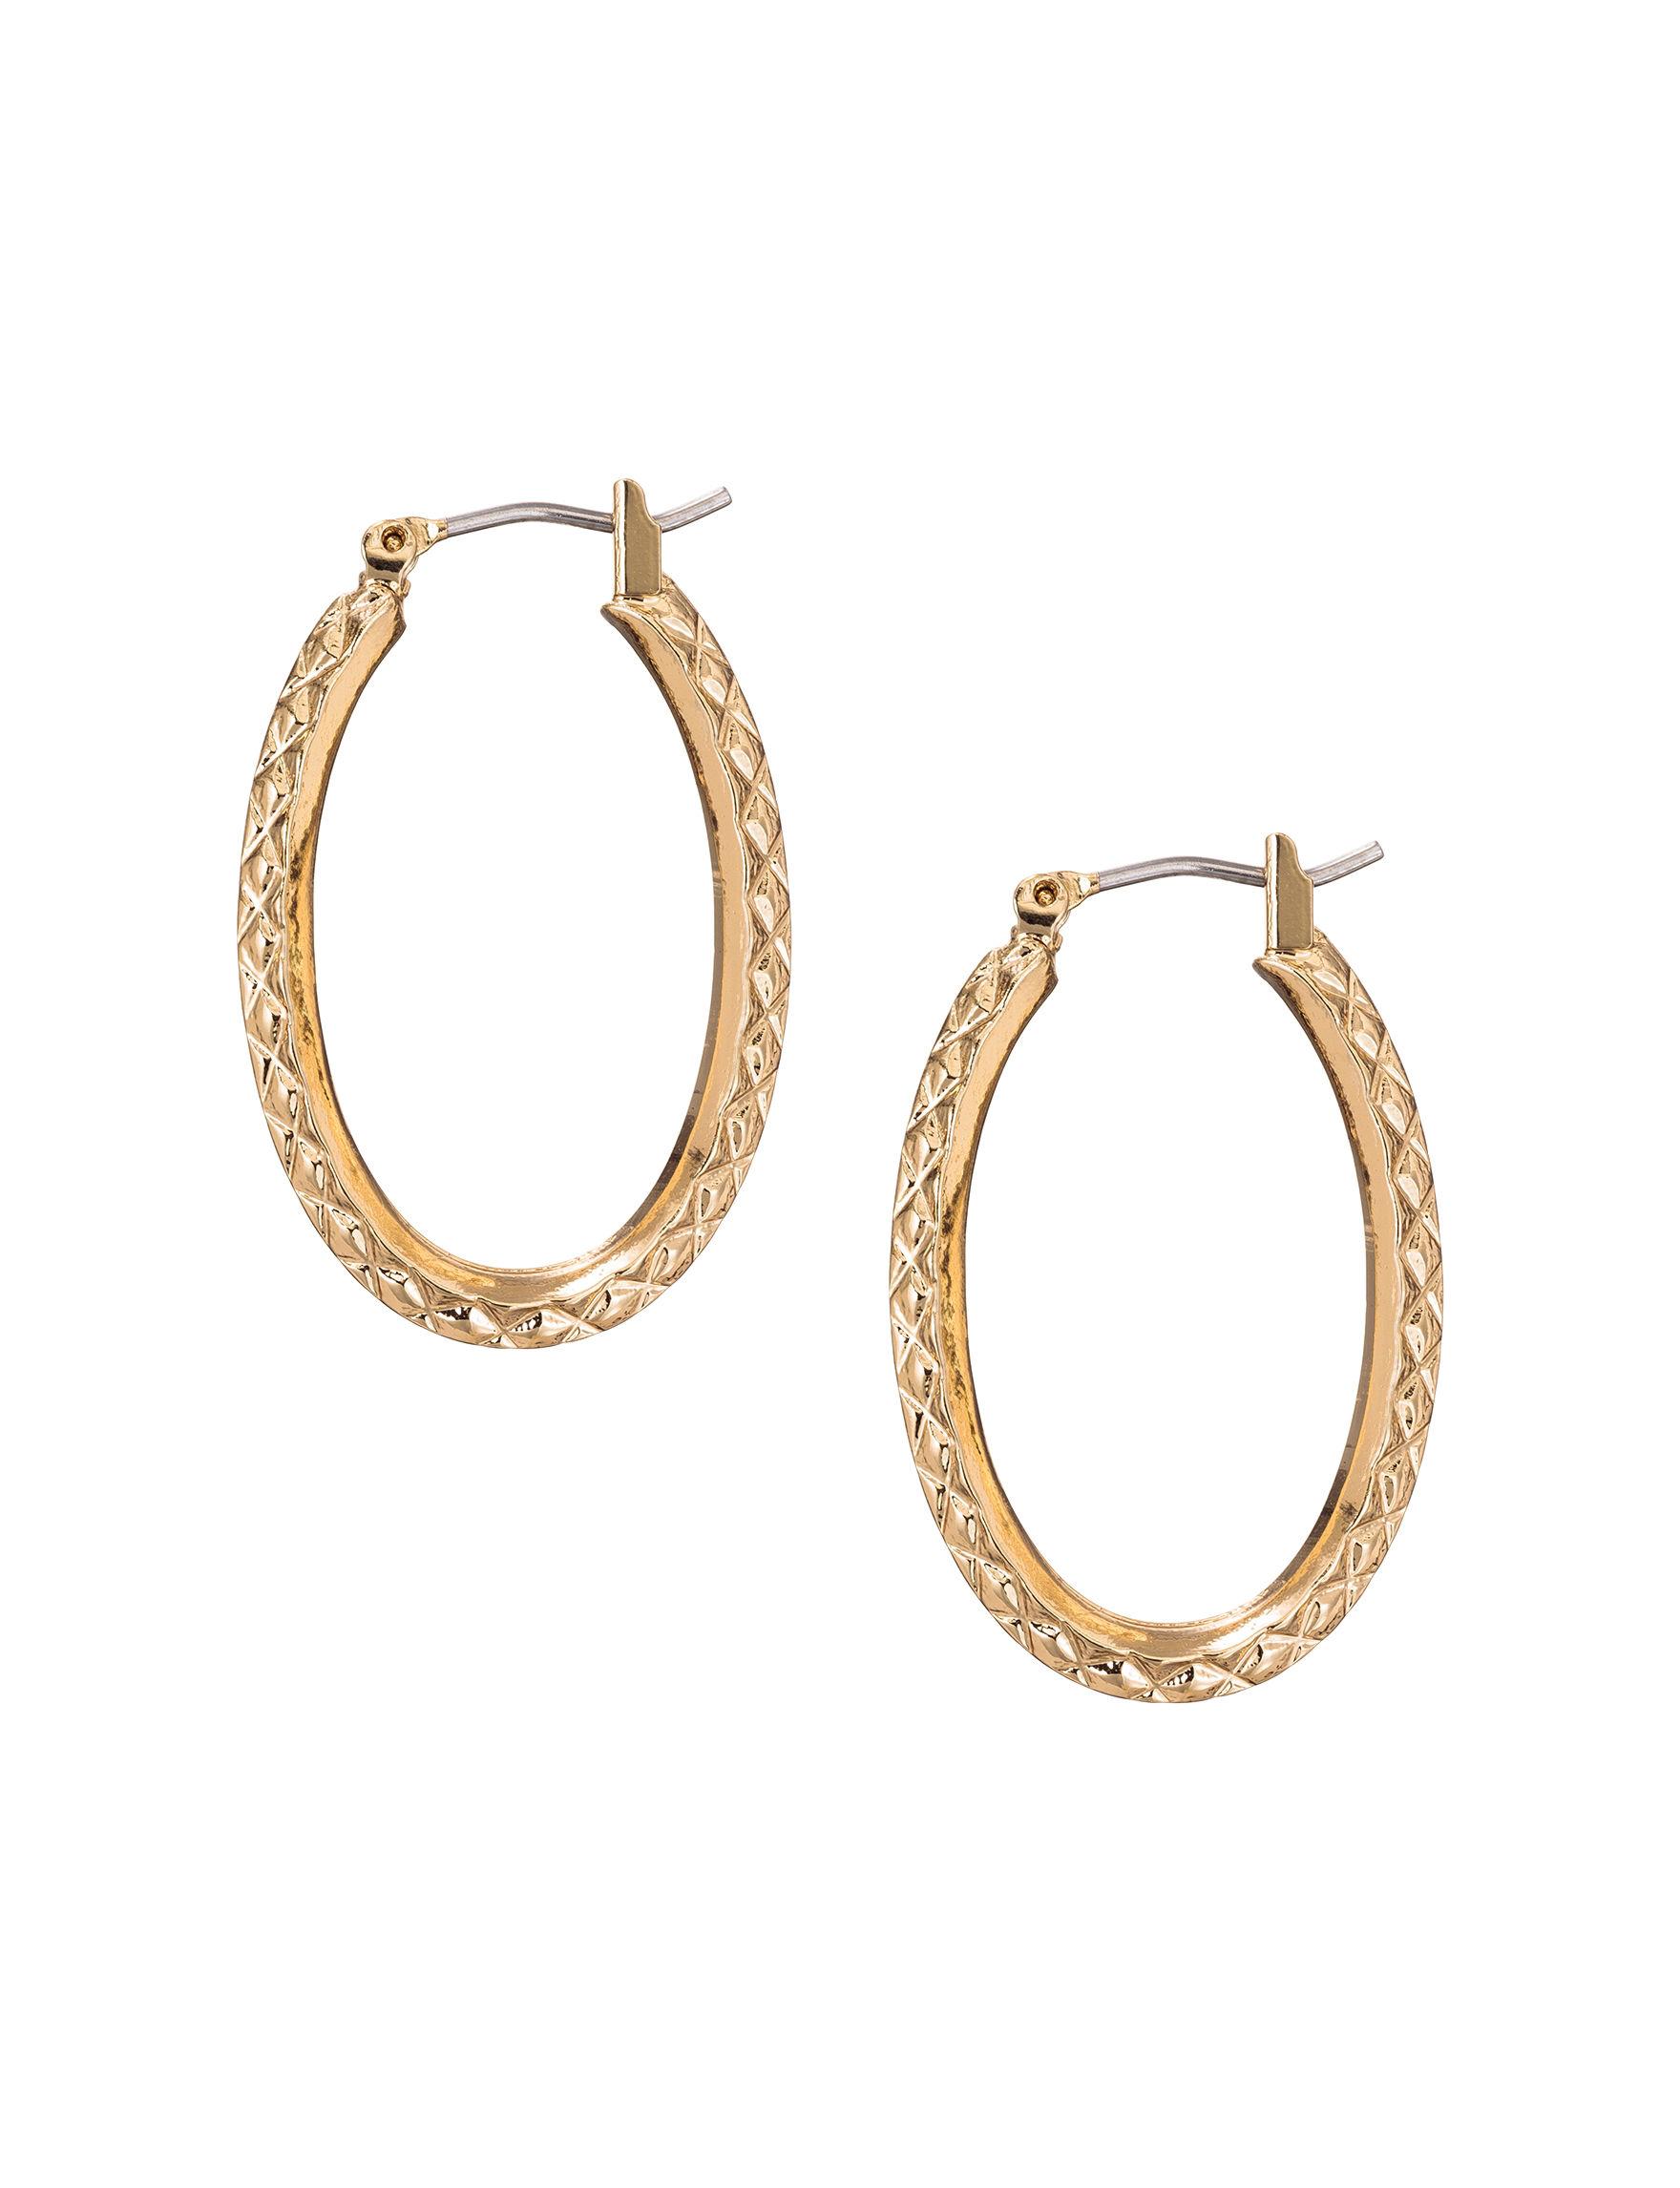 Roman White / Silver Fashion Jewelry